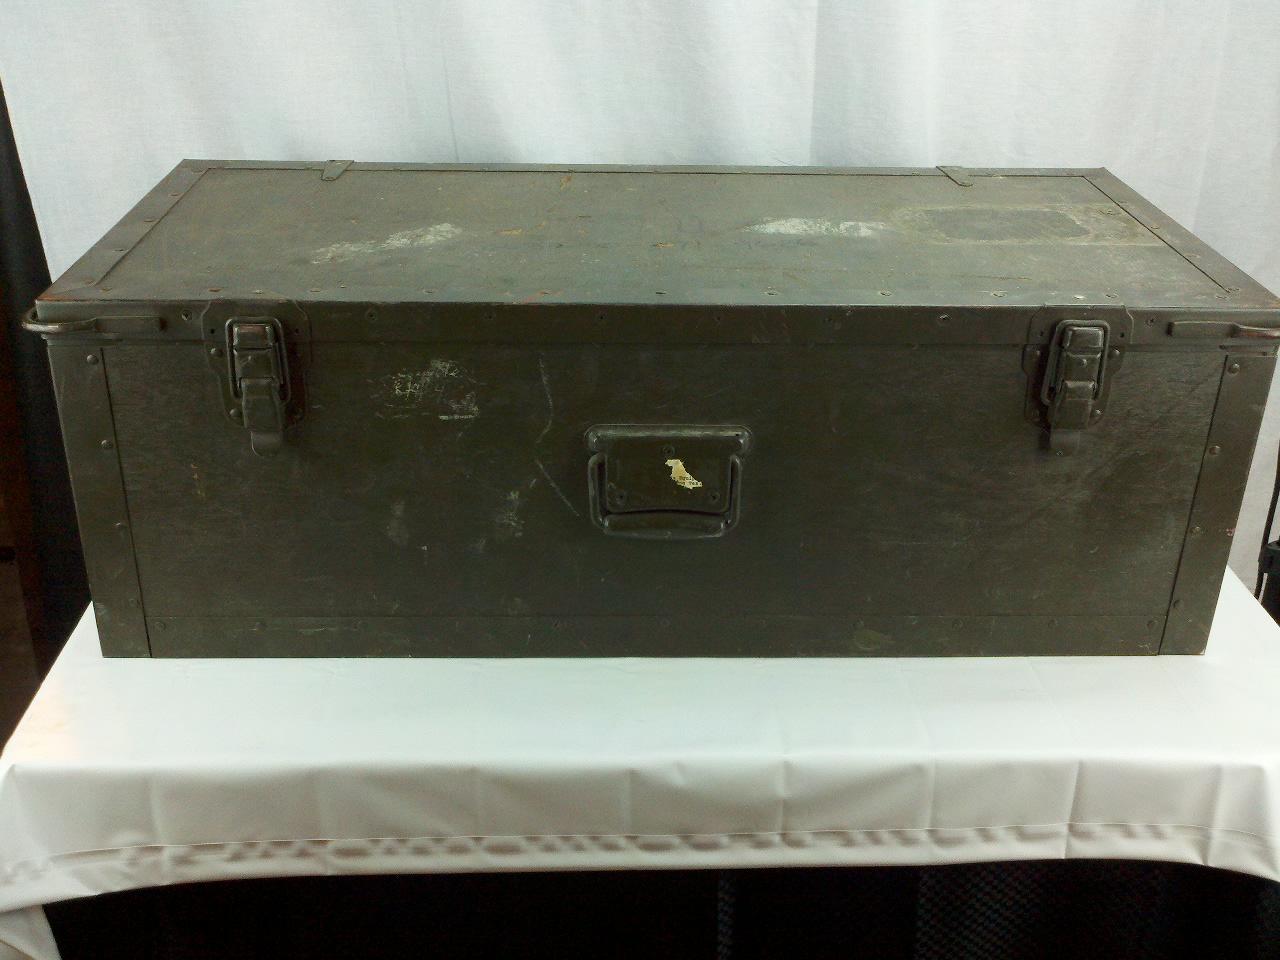 Vintage us army foot locker trunk storage box - Footlockers storage ...